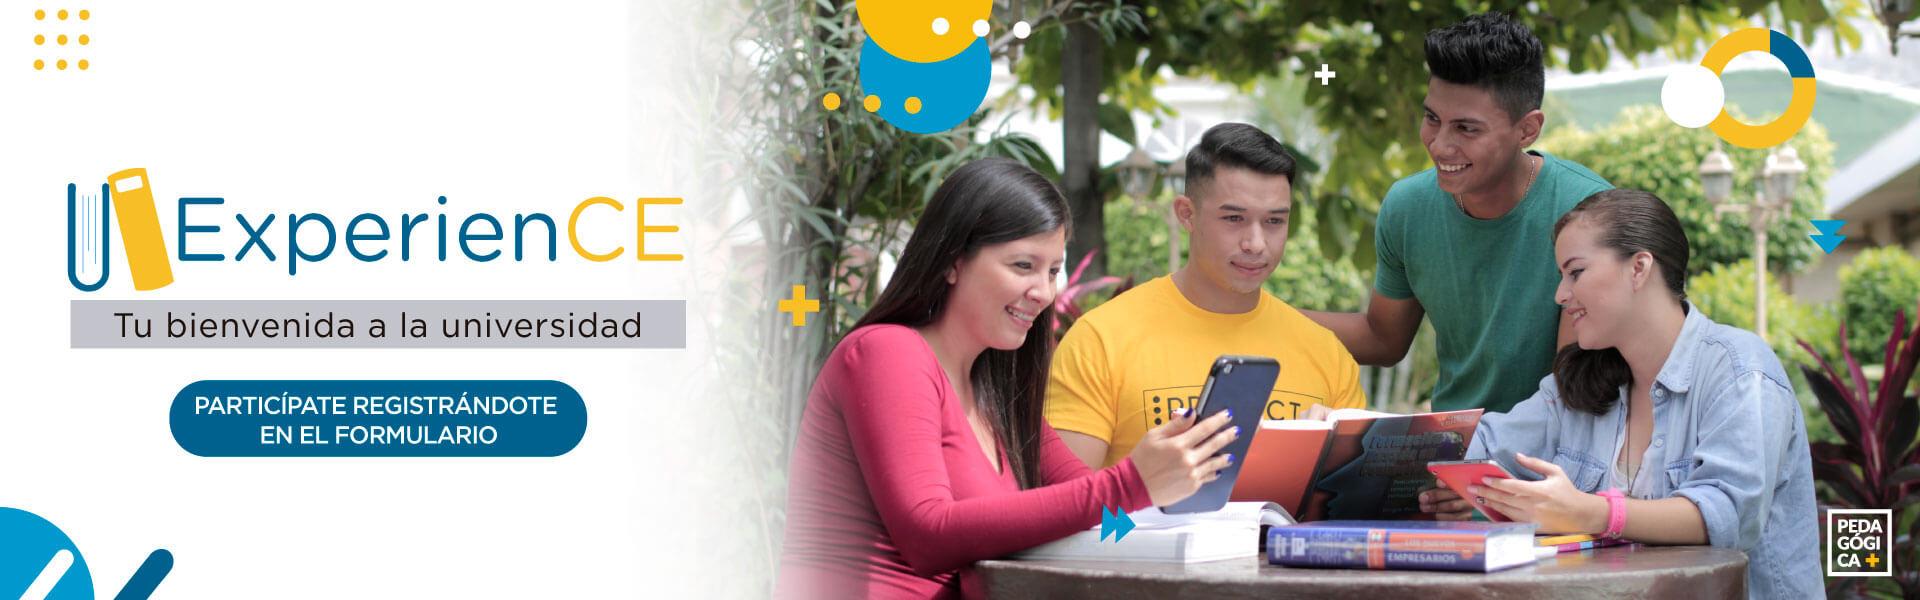 ExperienCE-Universidad Pedagógica